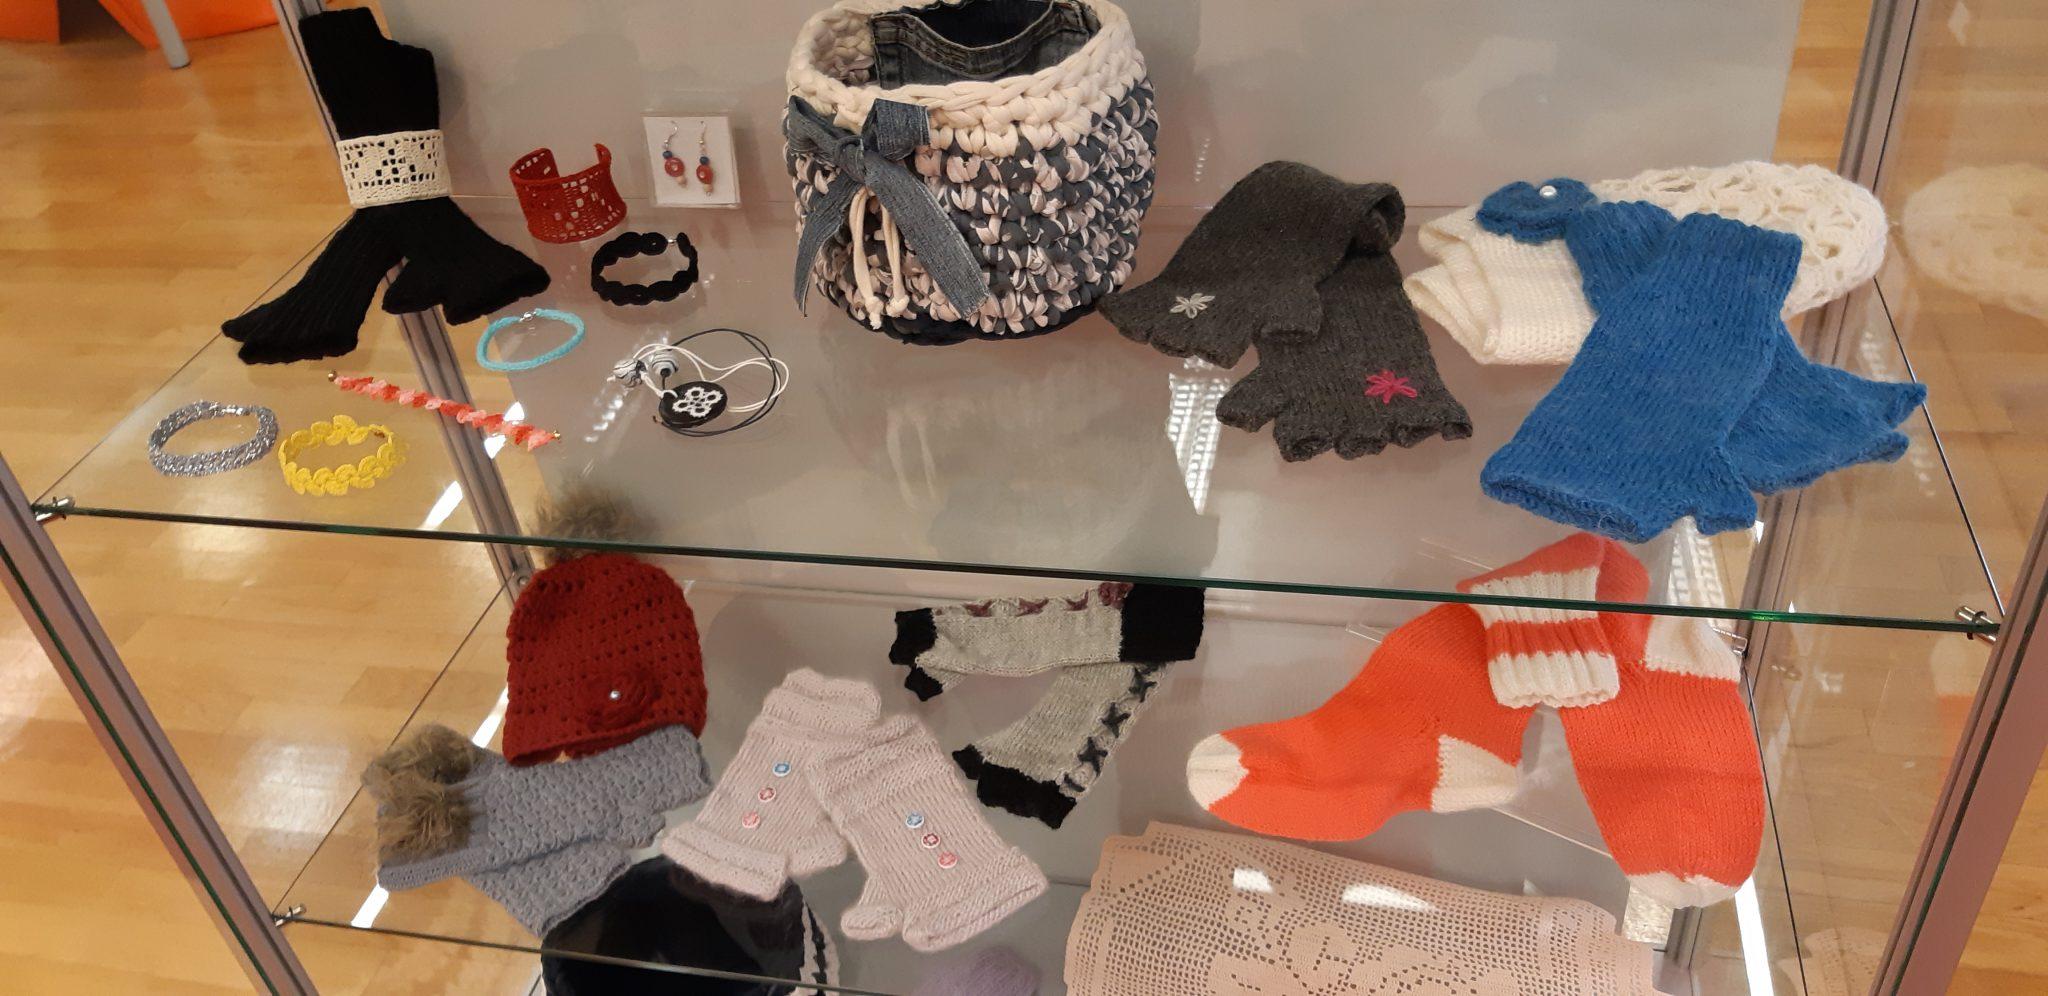 20181119 095729 - Marinka Ivančič - razstava kvačkanih in pletenih izdelkov